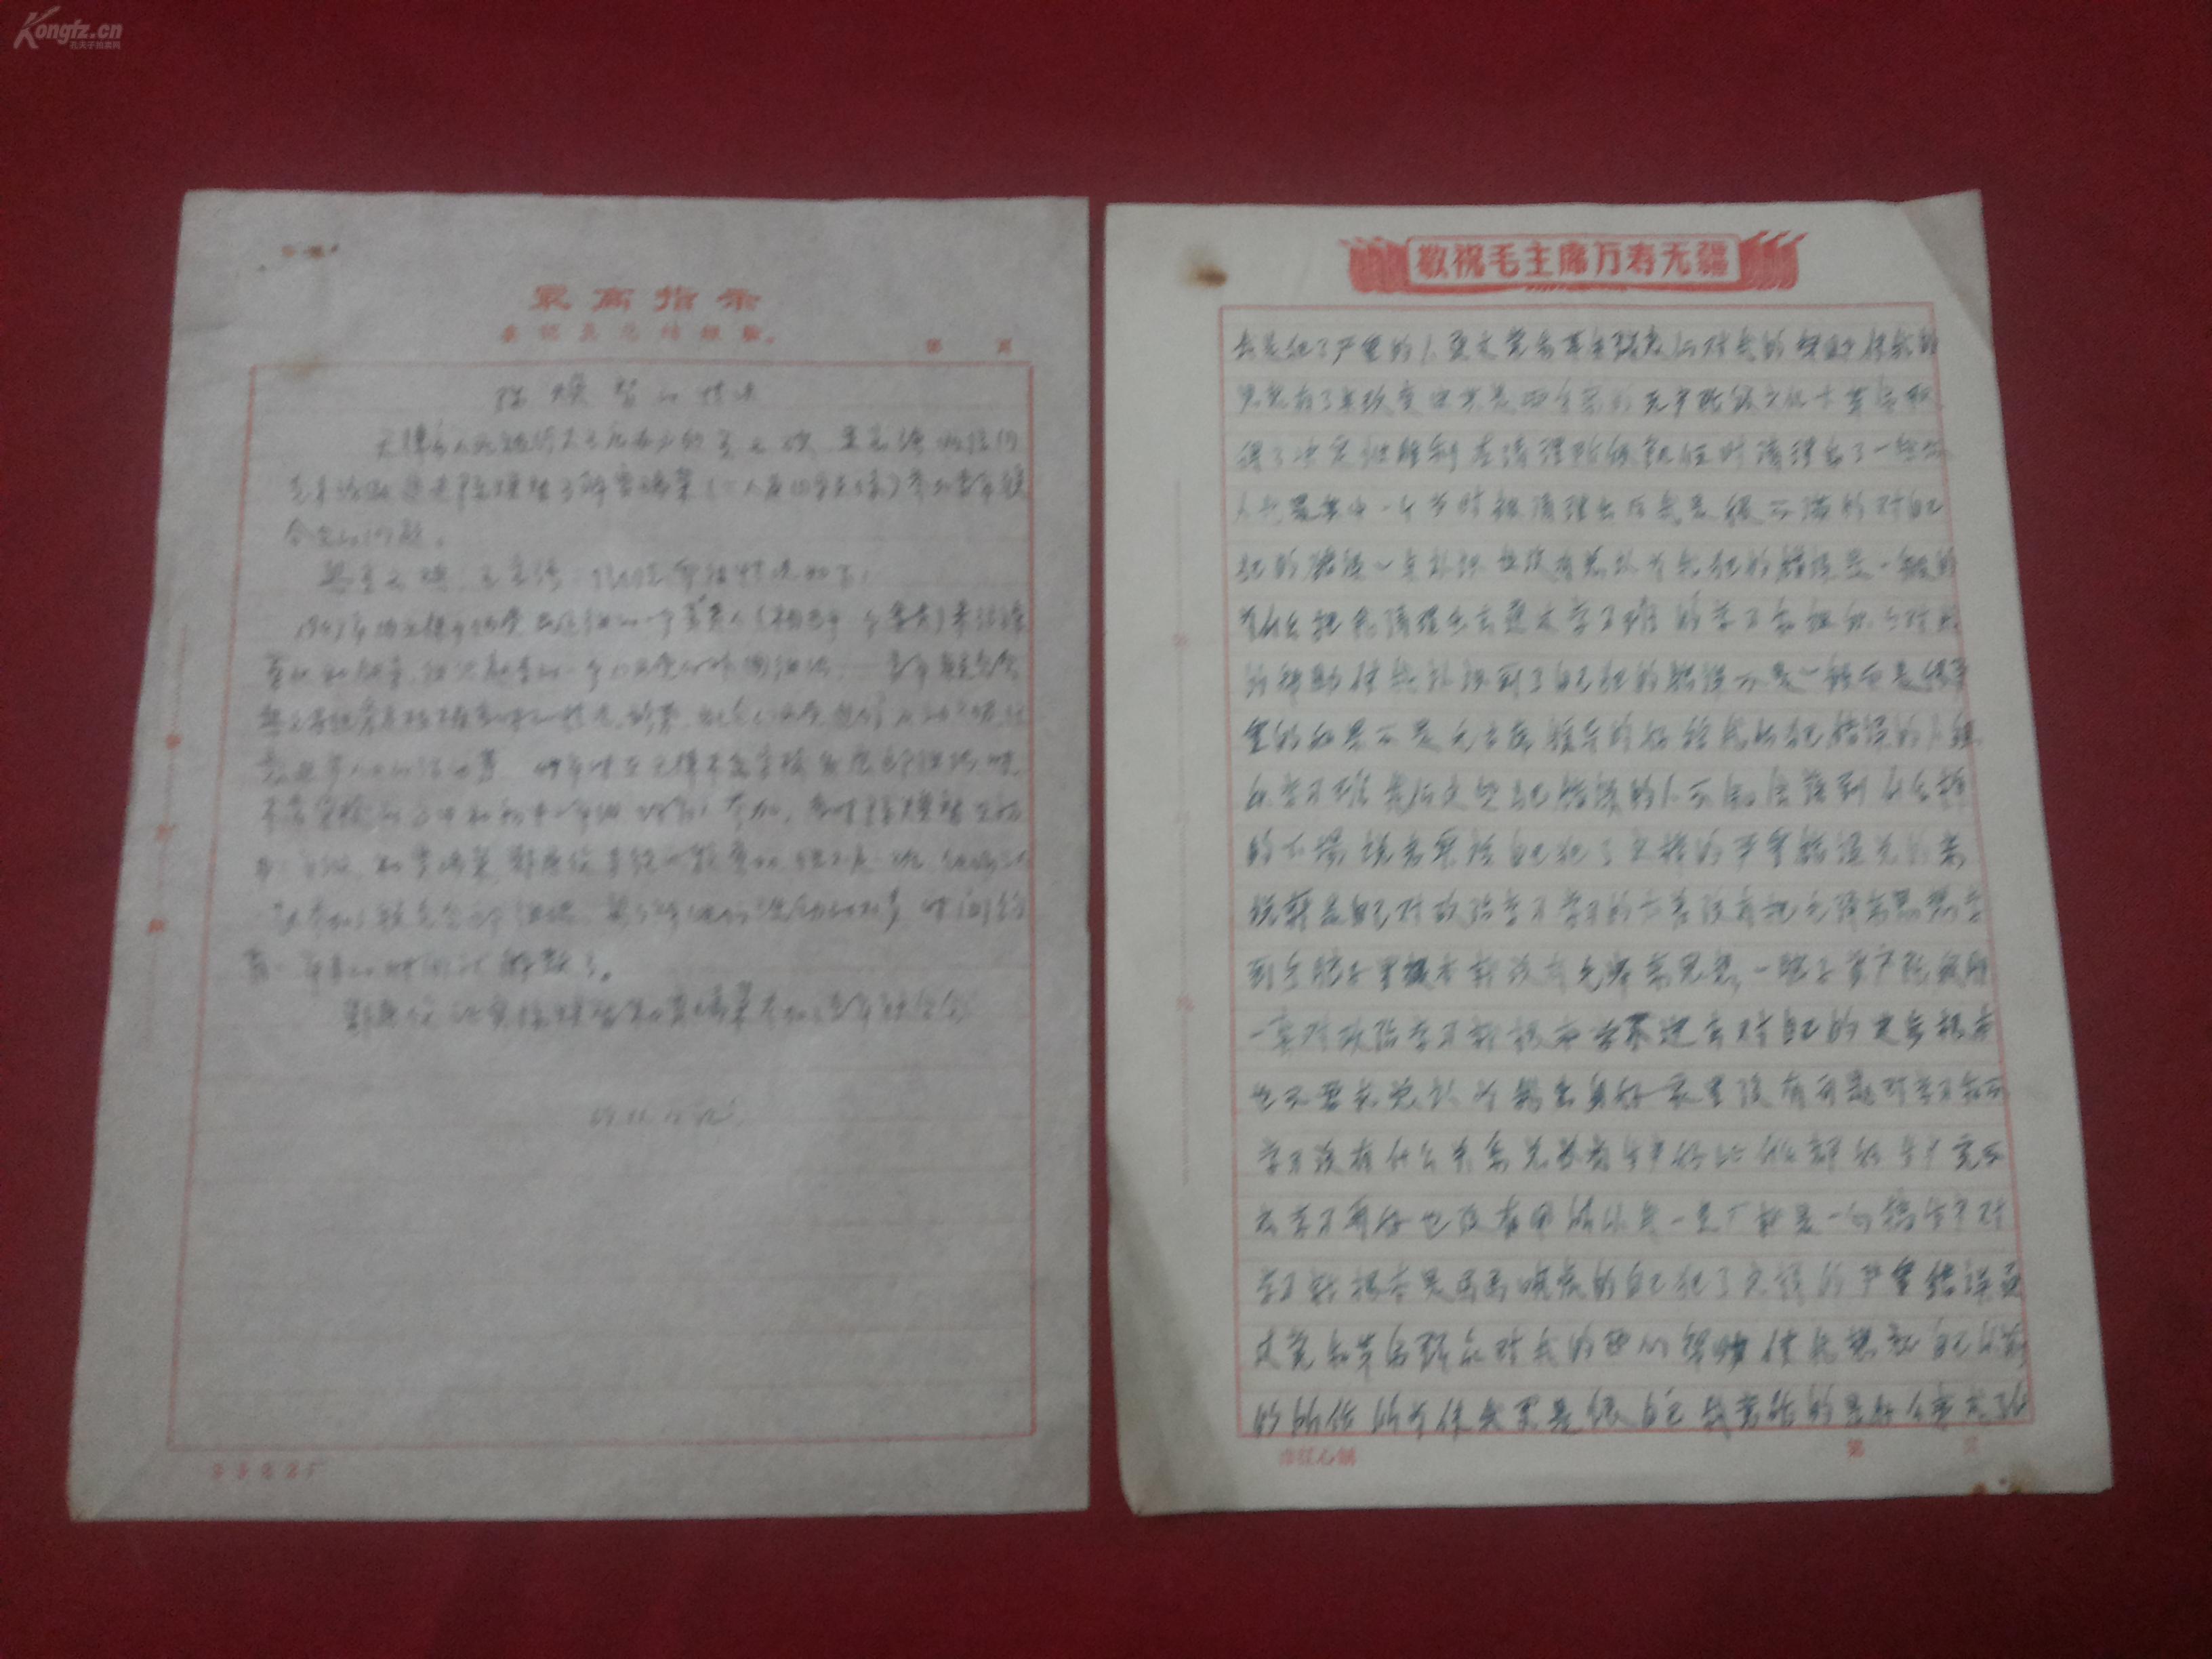 【文革时期信笺6份合售】16开本11张,信笺每张书眉都带最高指示或敬祝